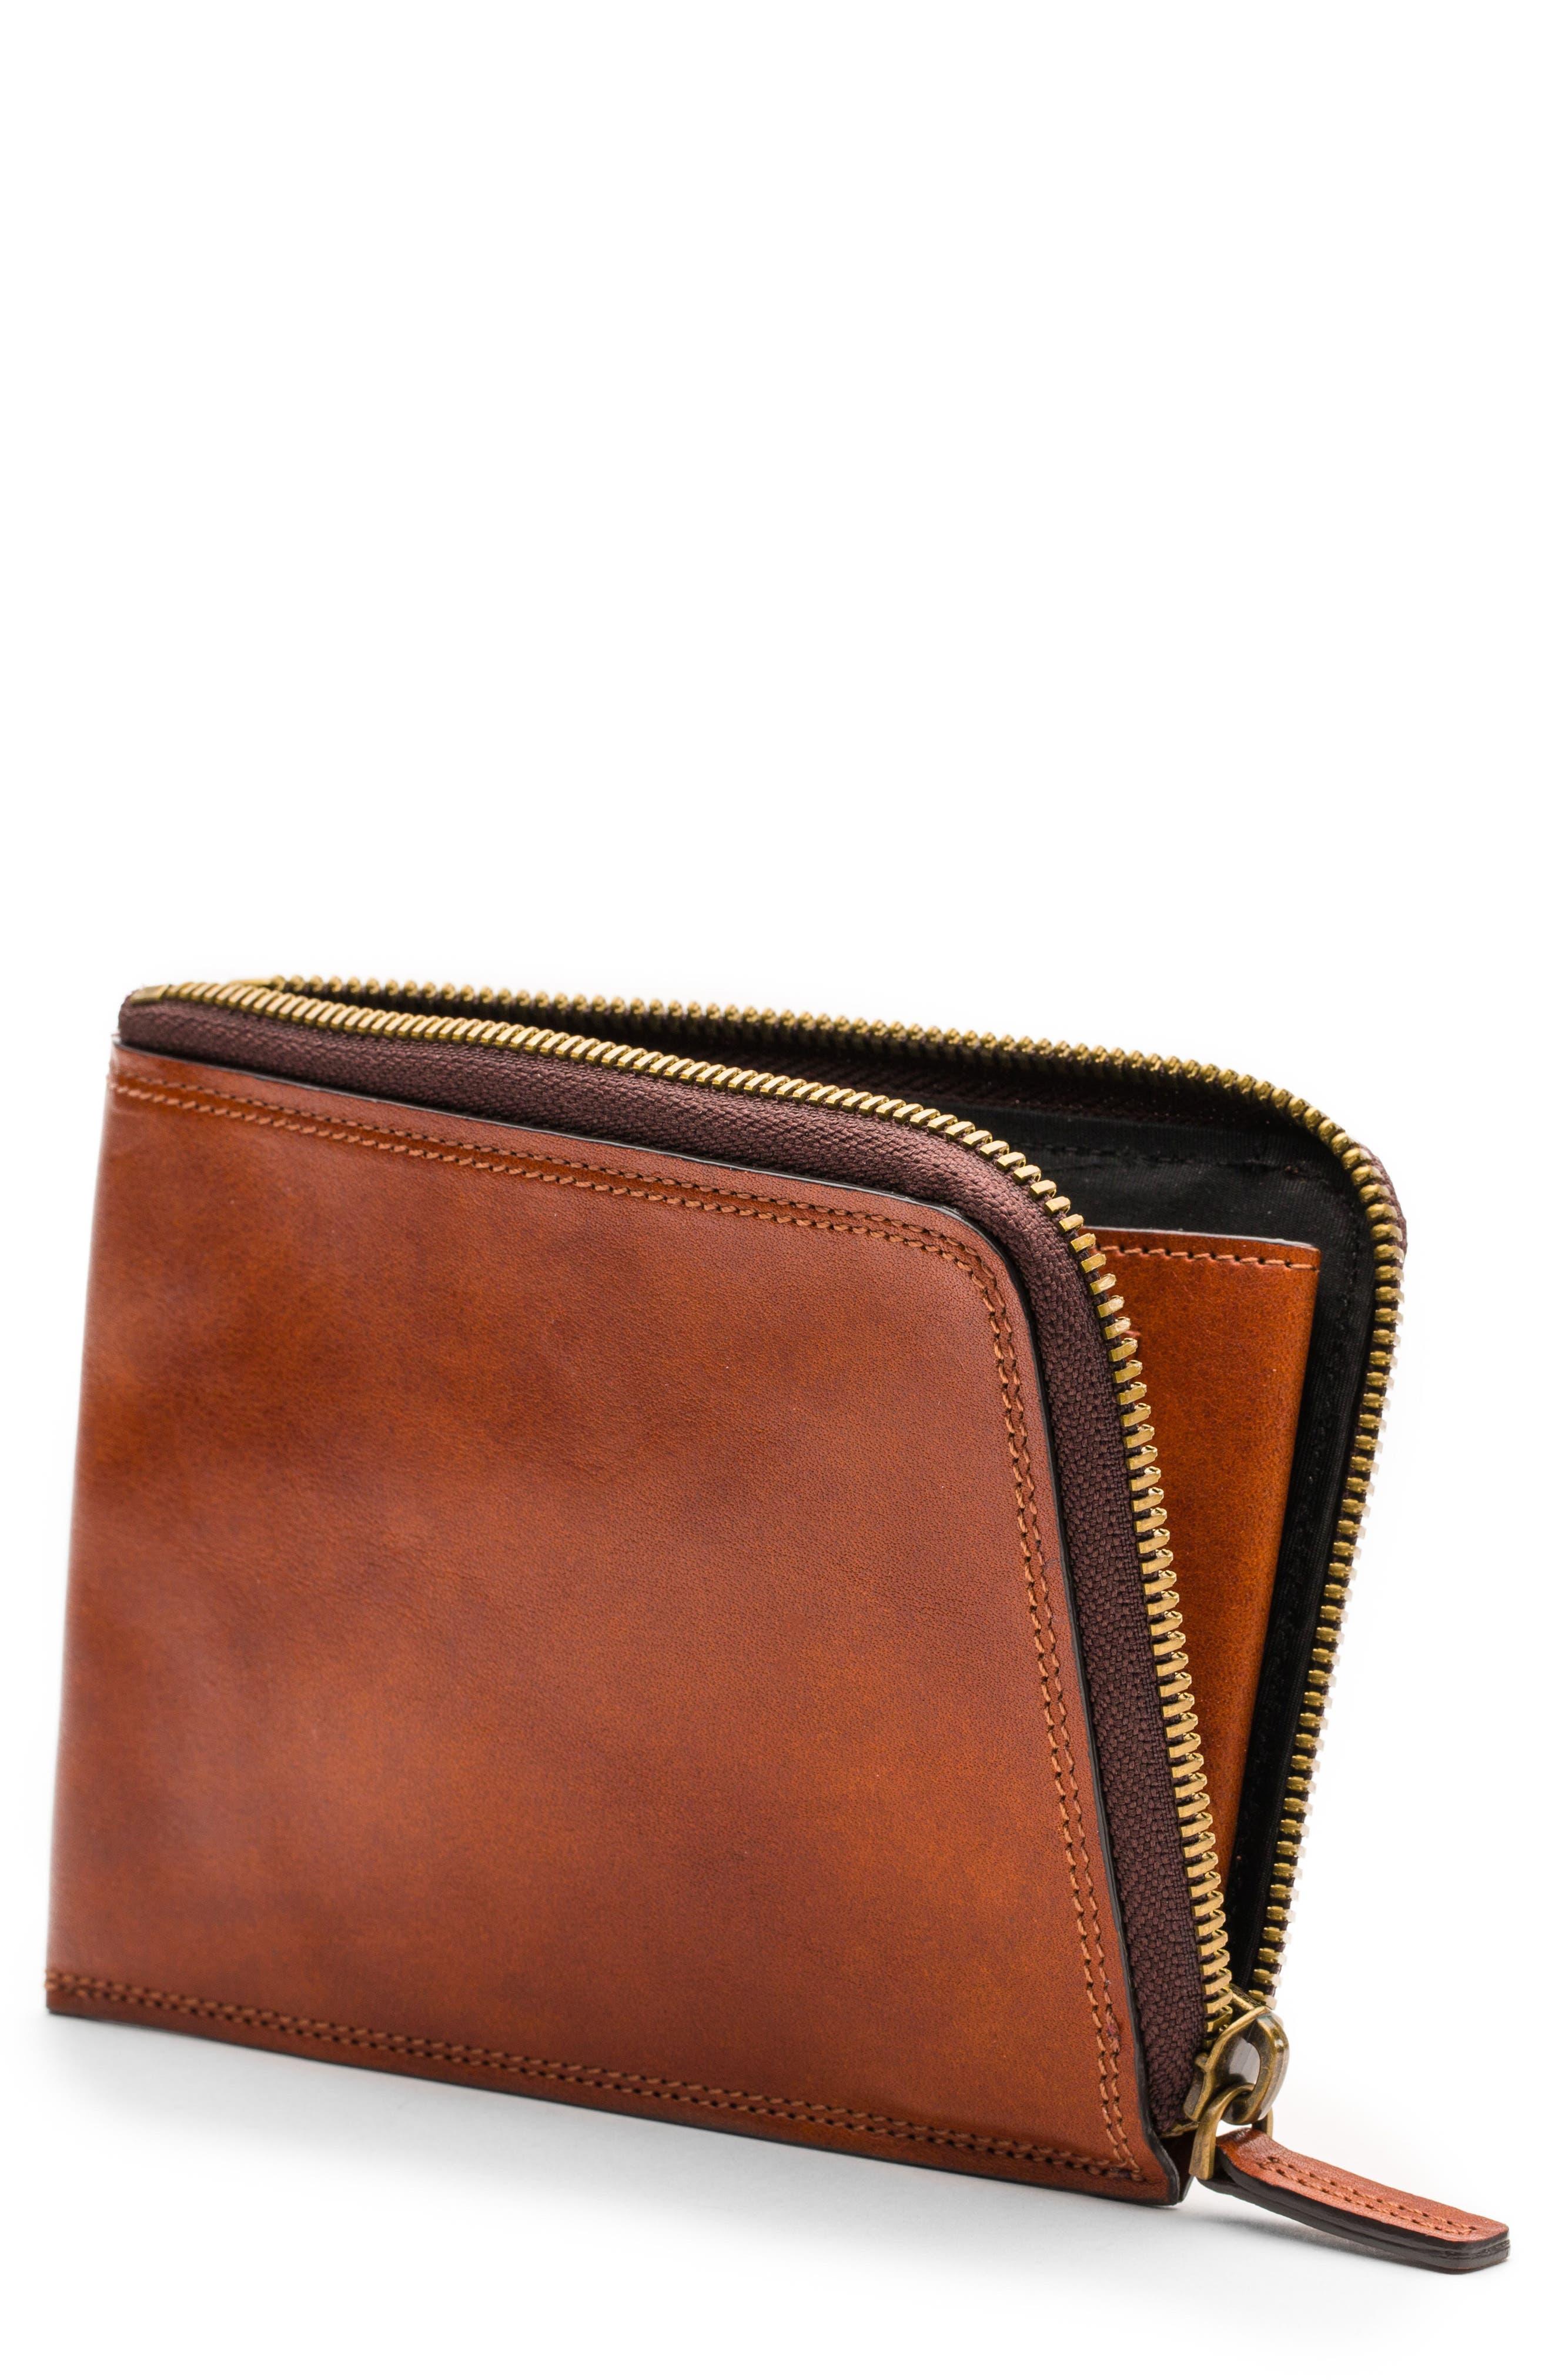 e7079a6ac passport cover | Nordstrom